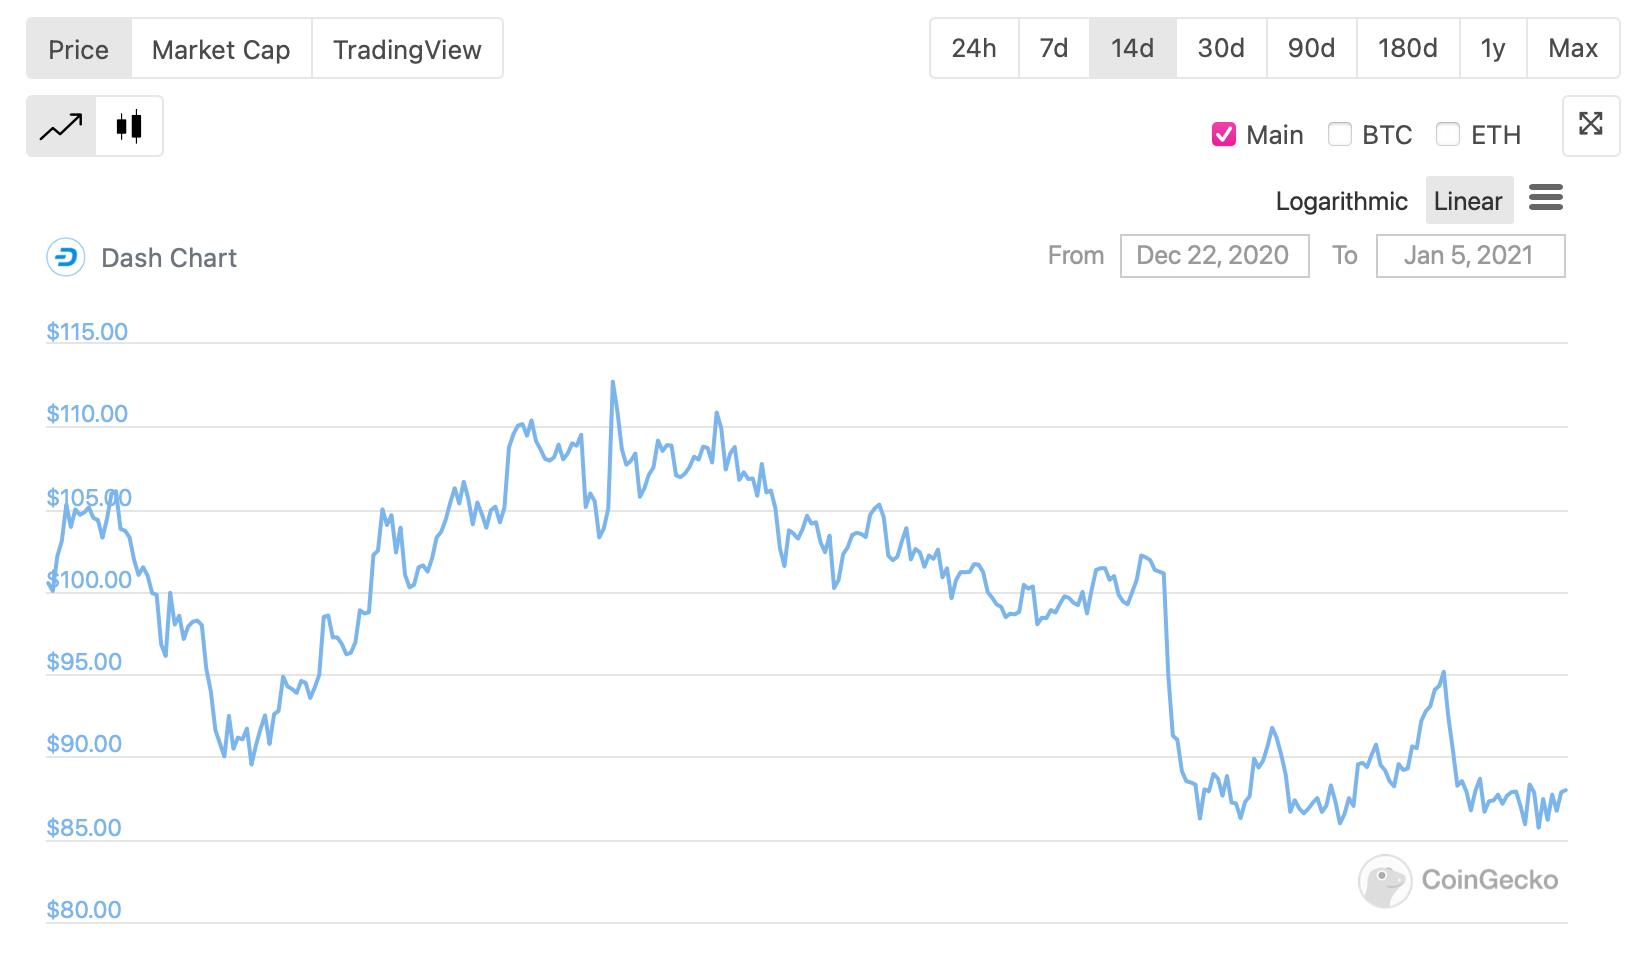 Падение Dash за последние две недели